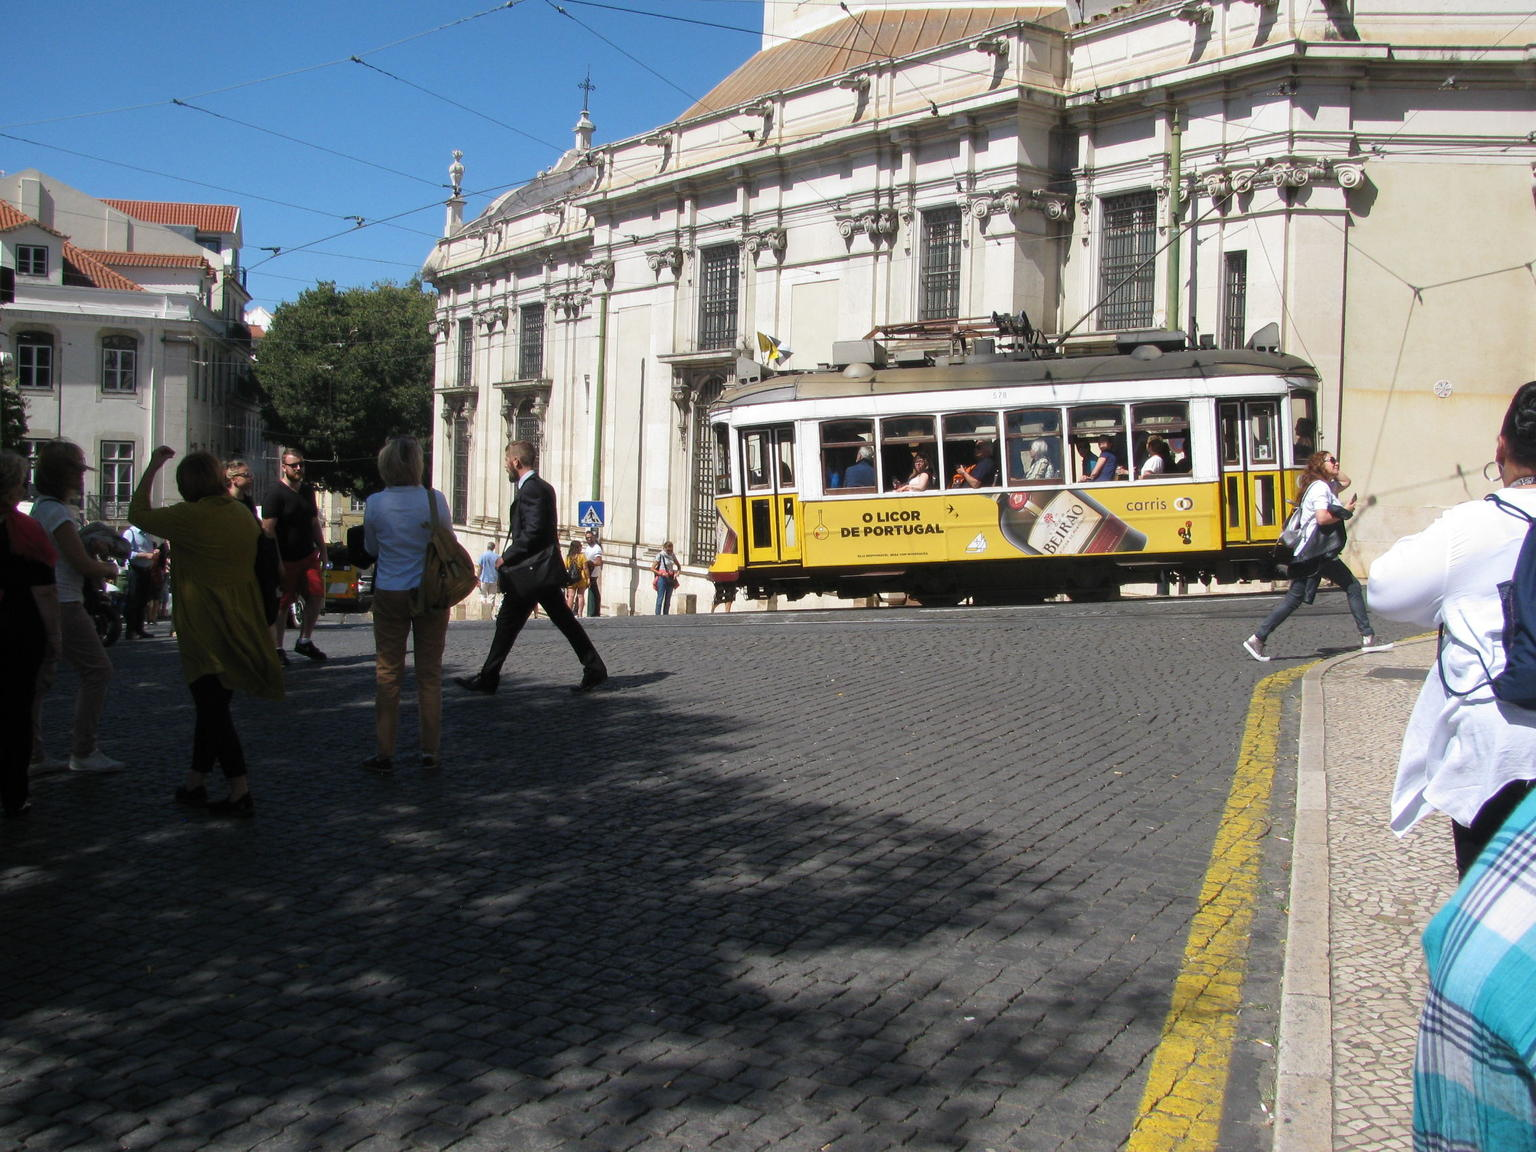 MÁS FOTOS, Recorrido a pie guiado por Lisboa